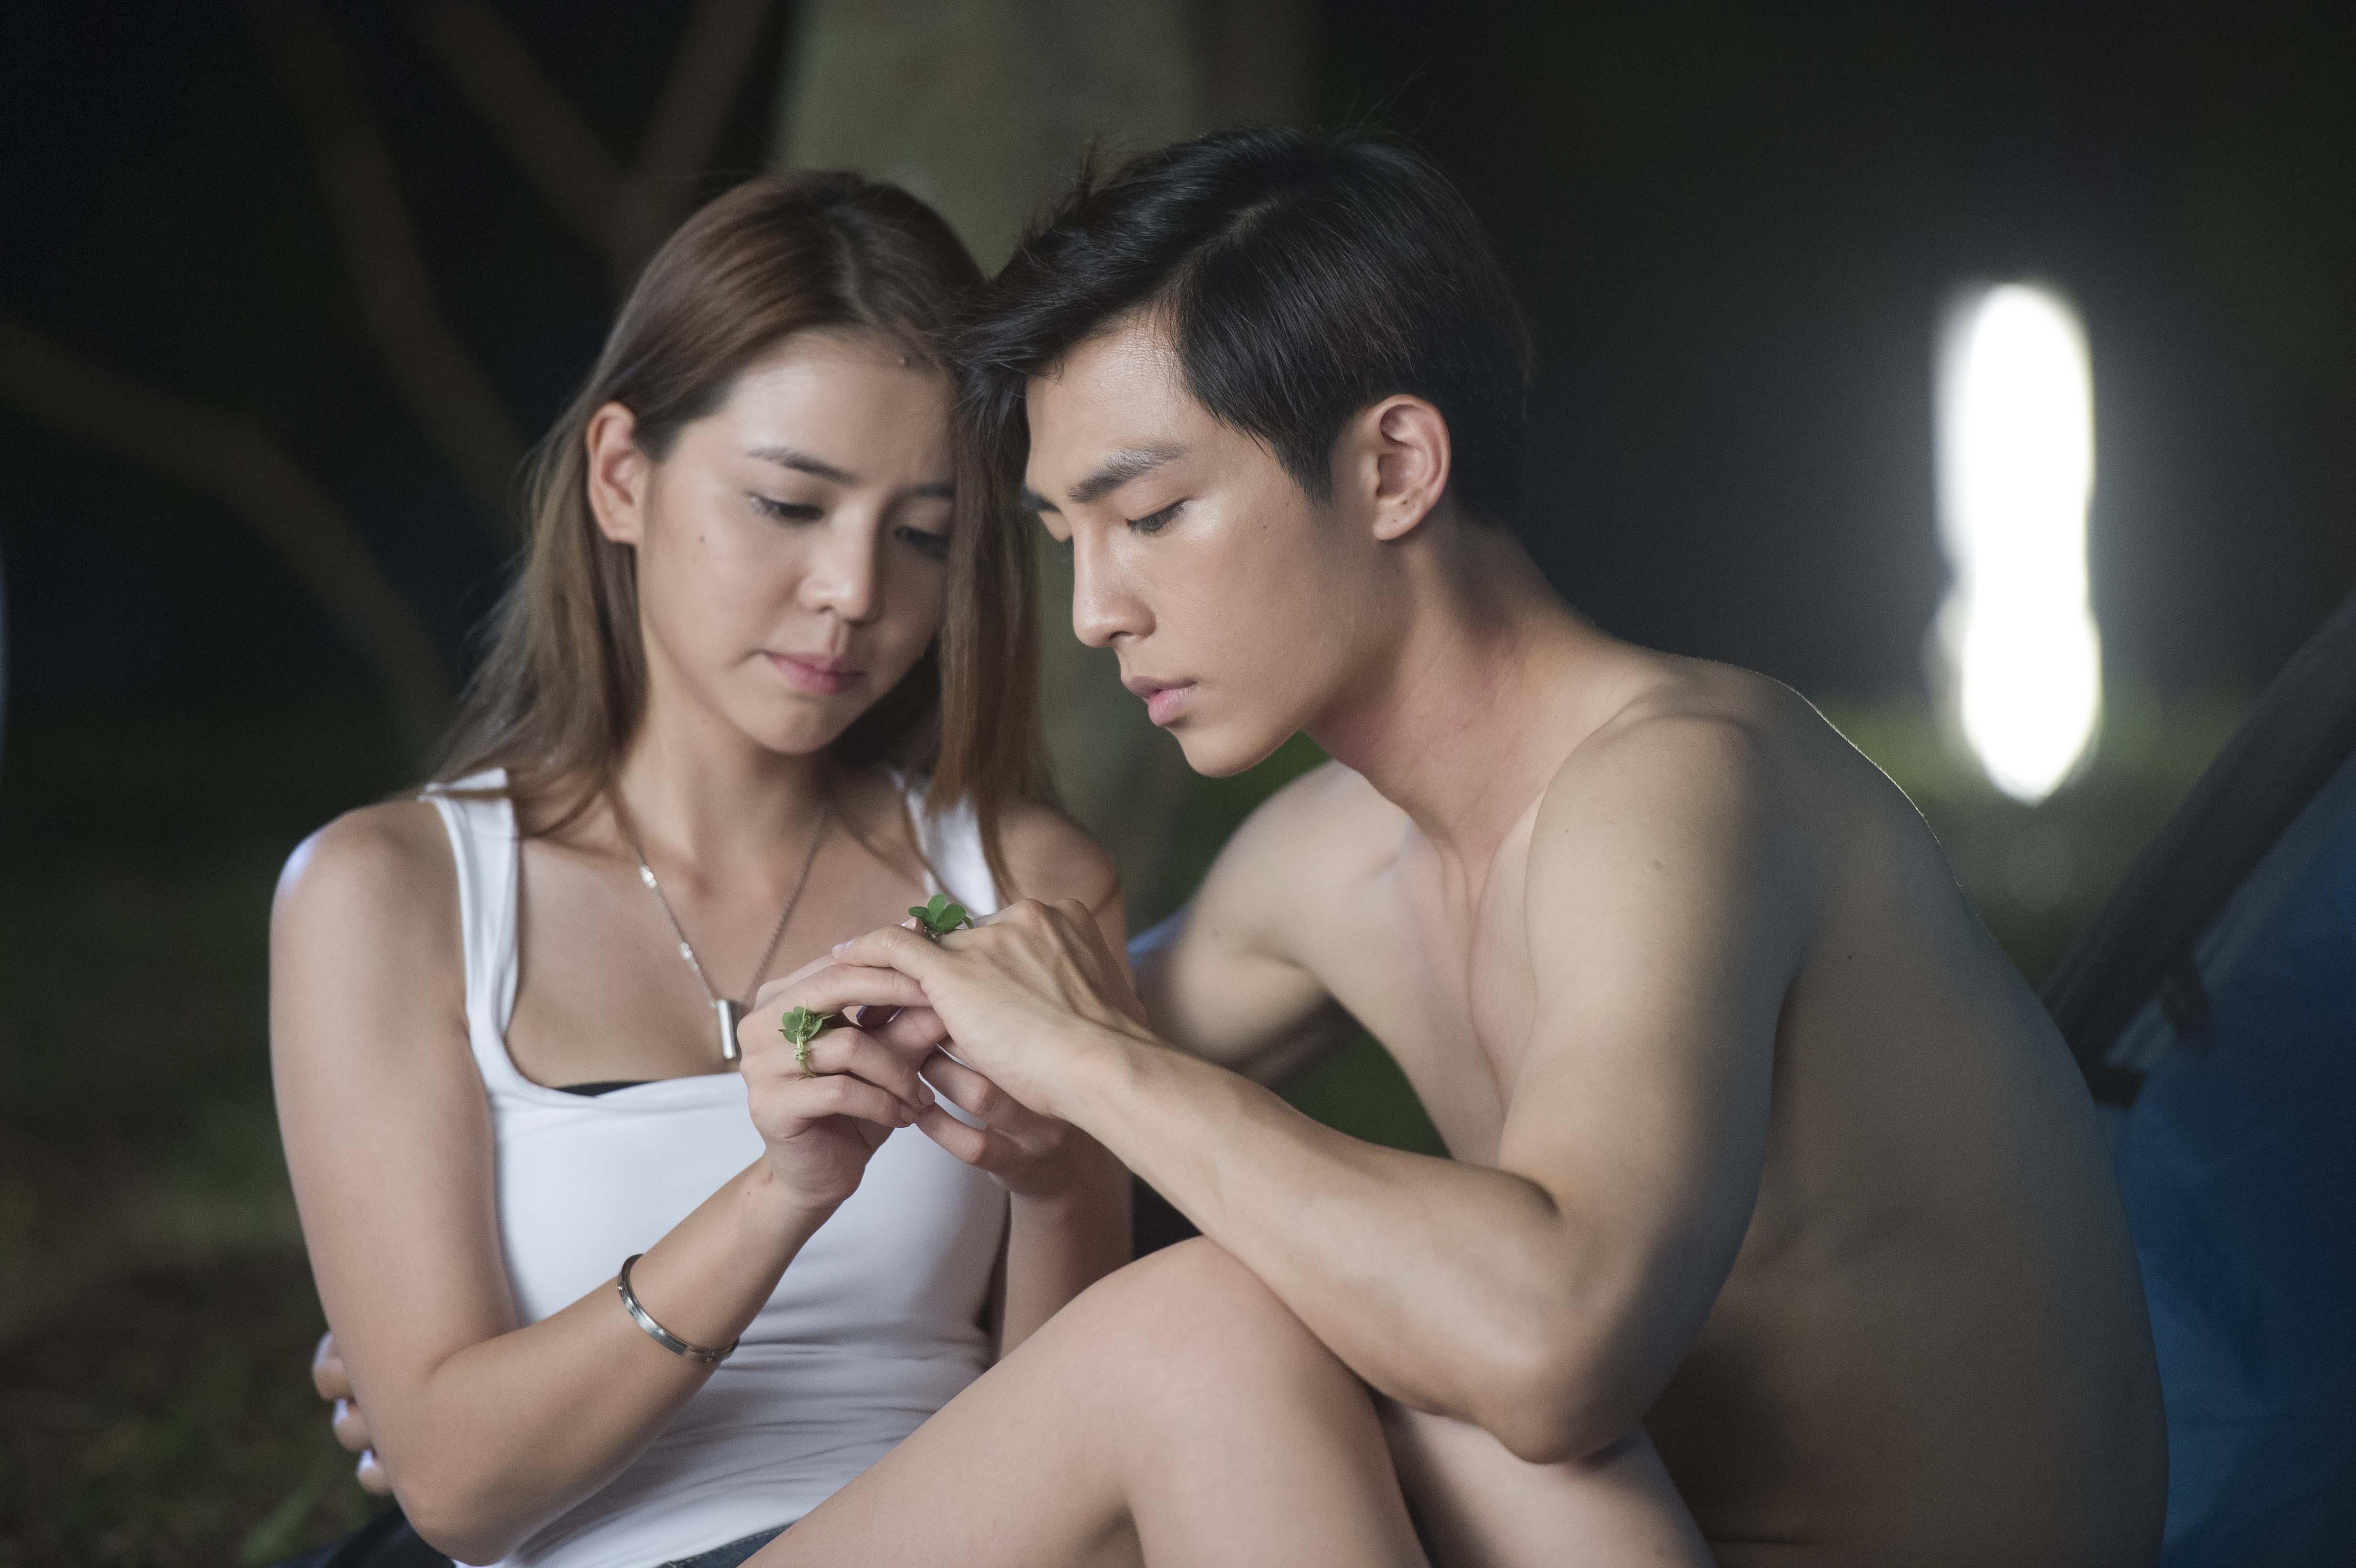 Aaron Yan Fall In Love With Me Wallpaper Tia Li Aaron Yan Indonesia